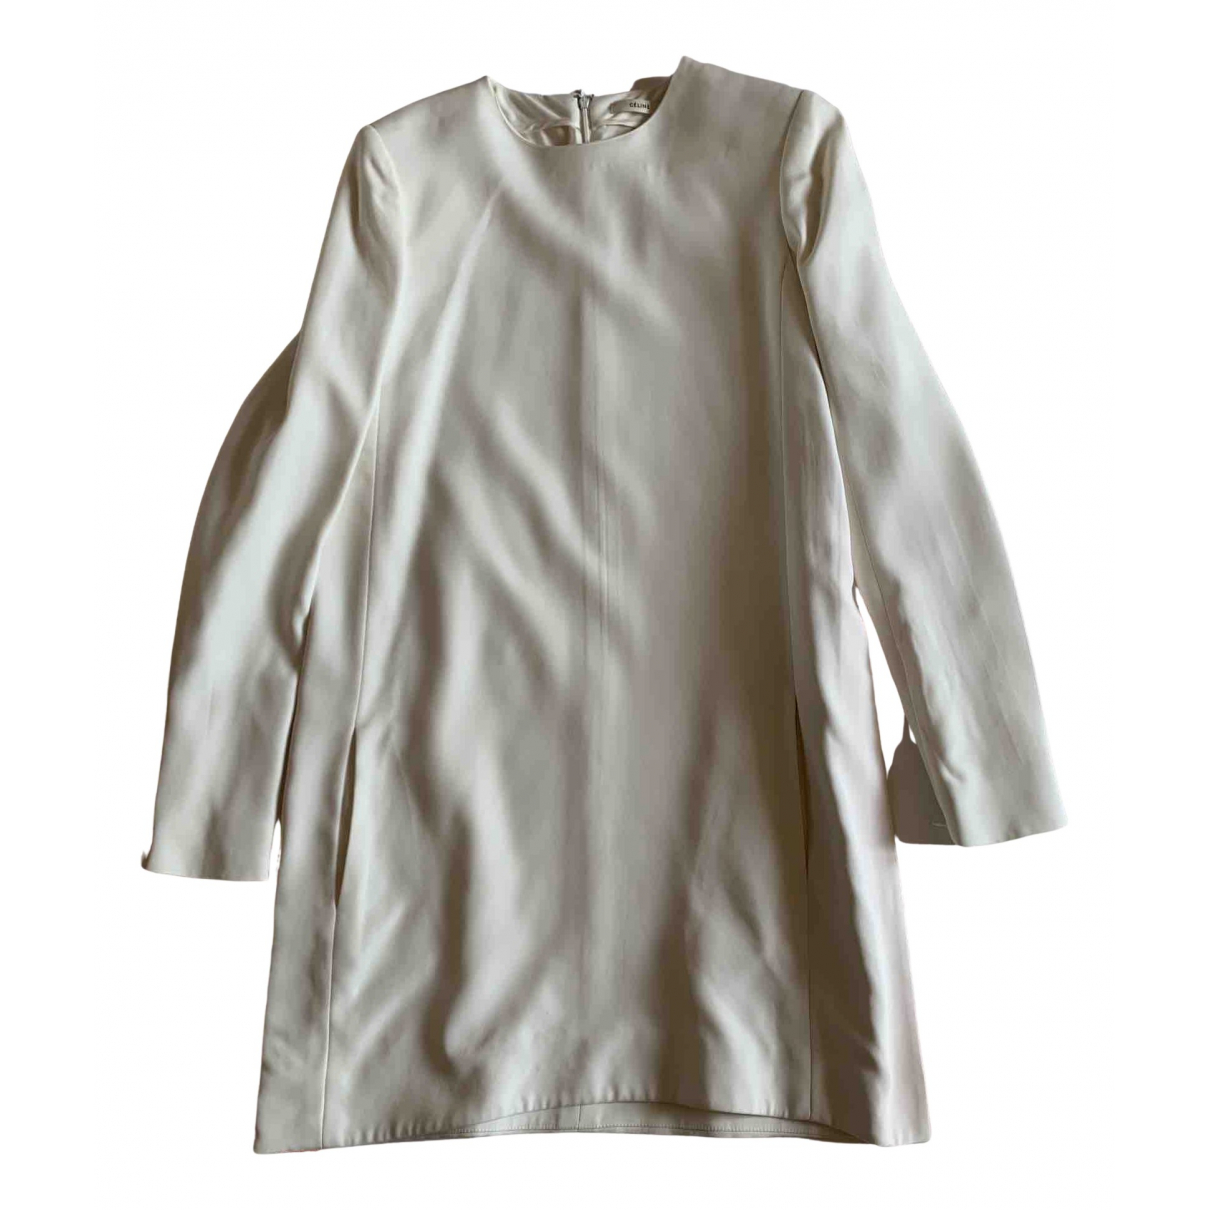 Celine \N Kleid in  Beige Viskose